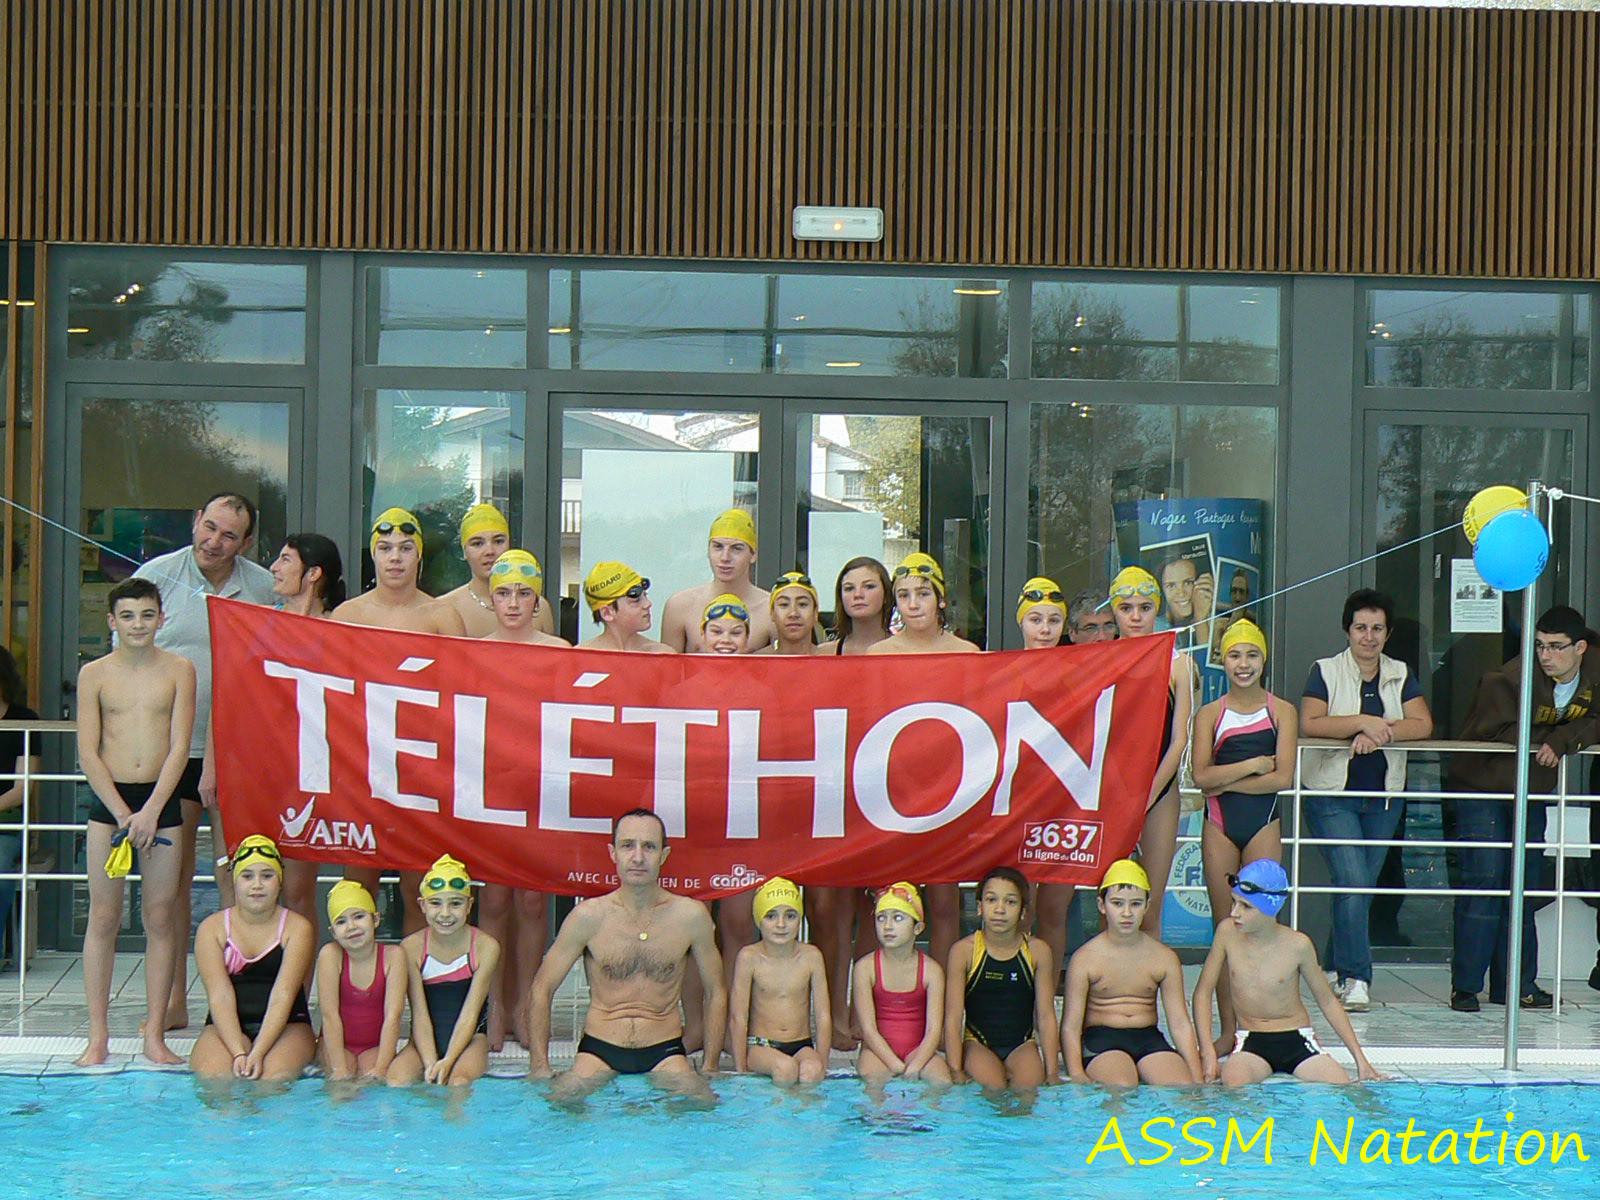 telethon2009_22